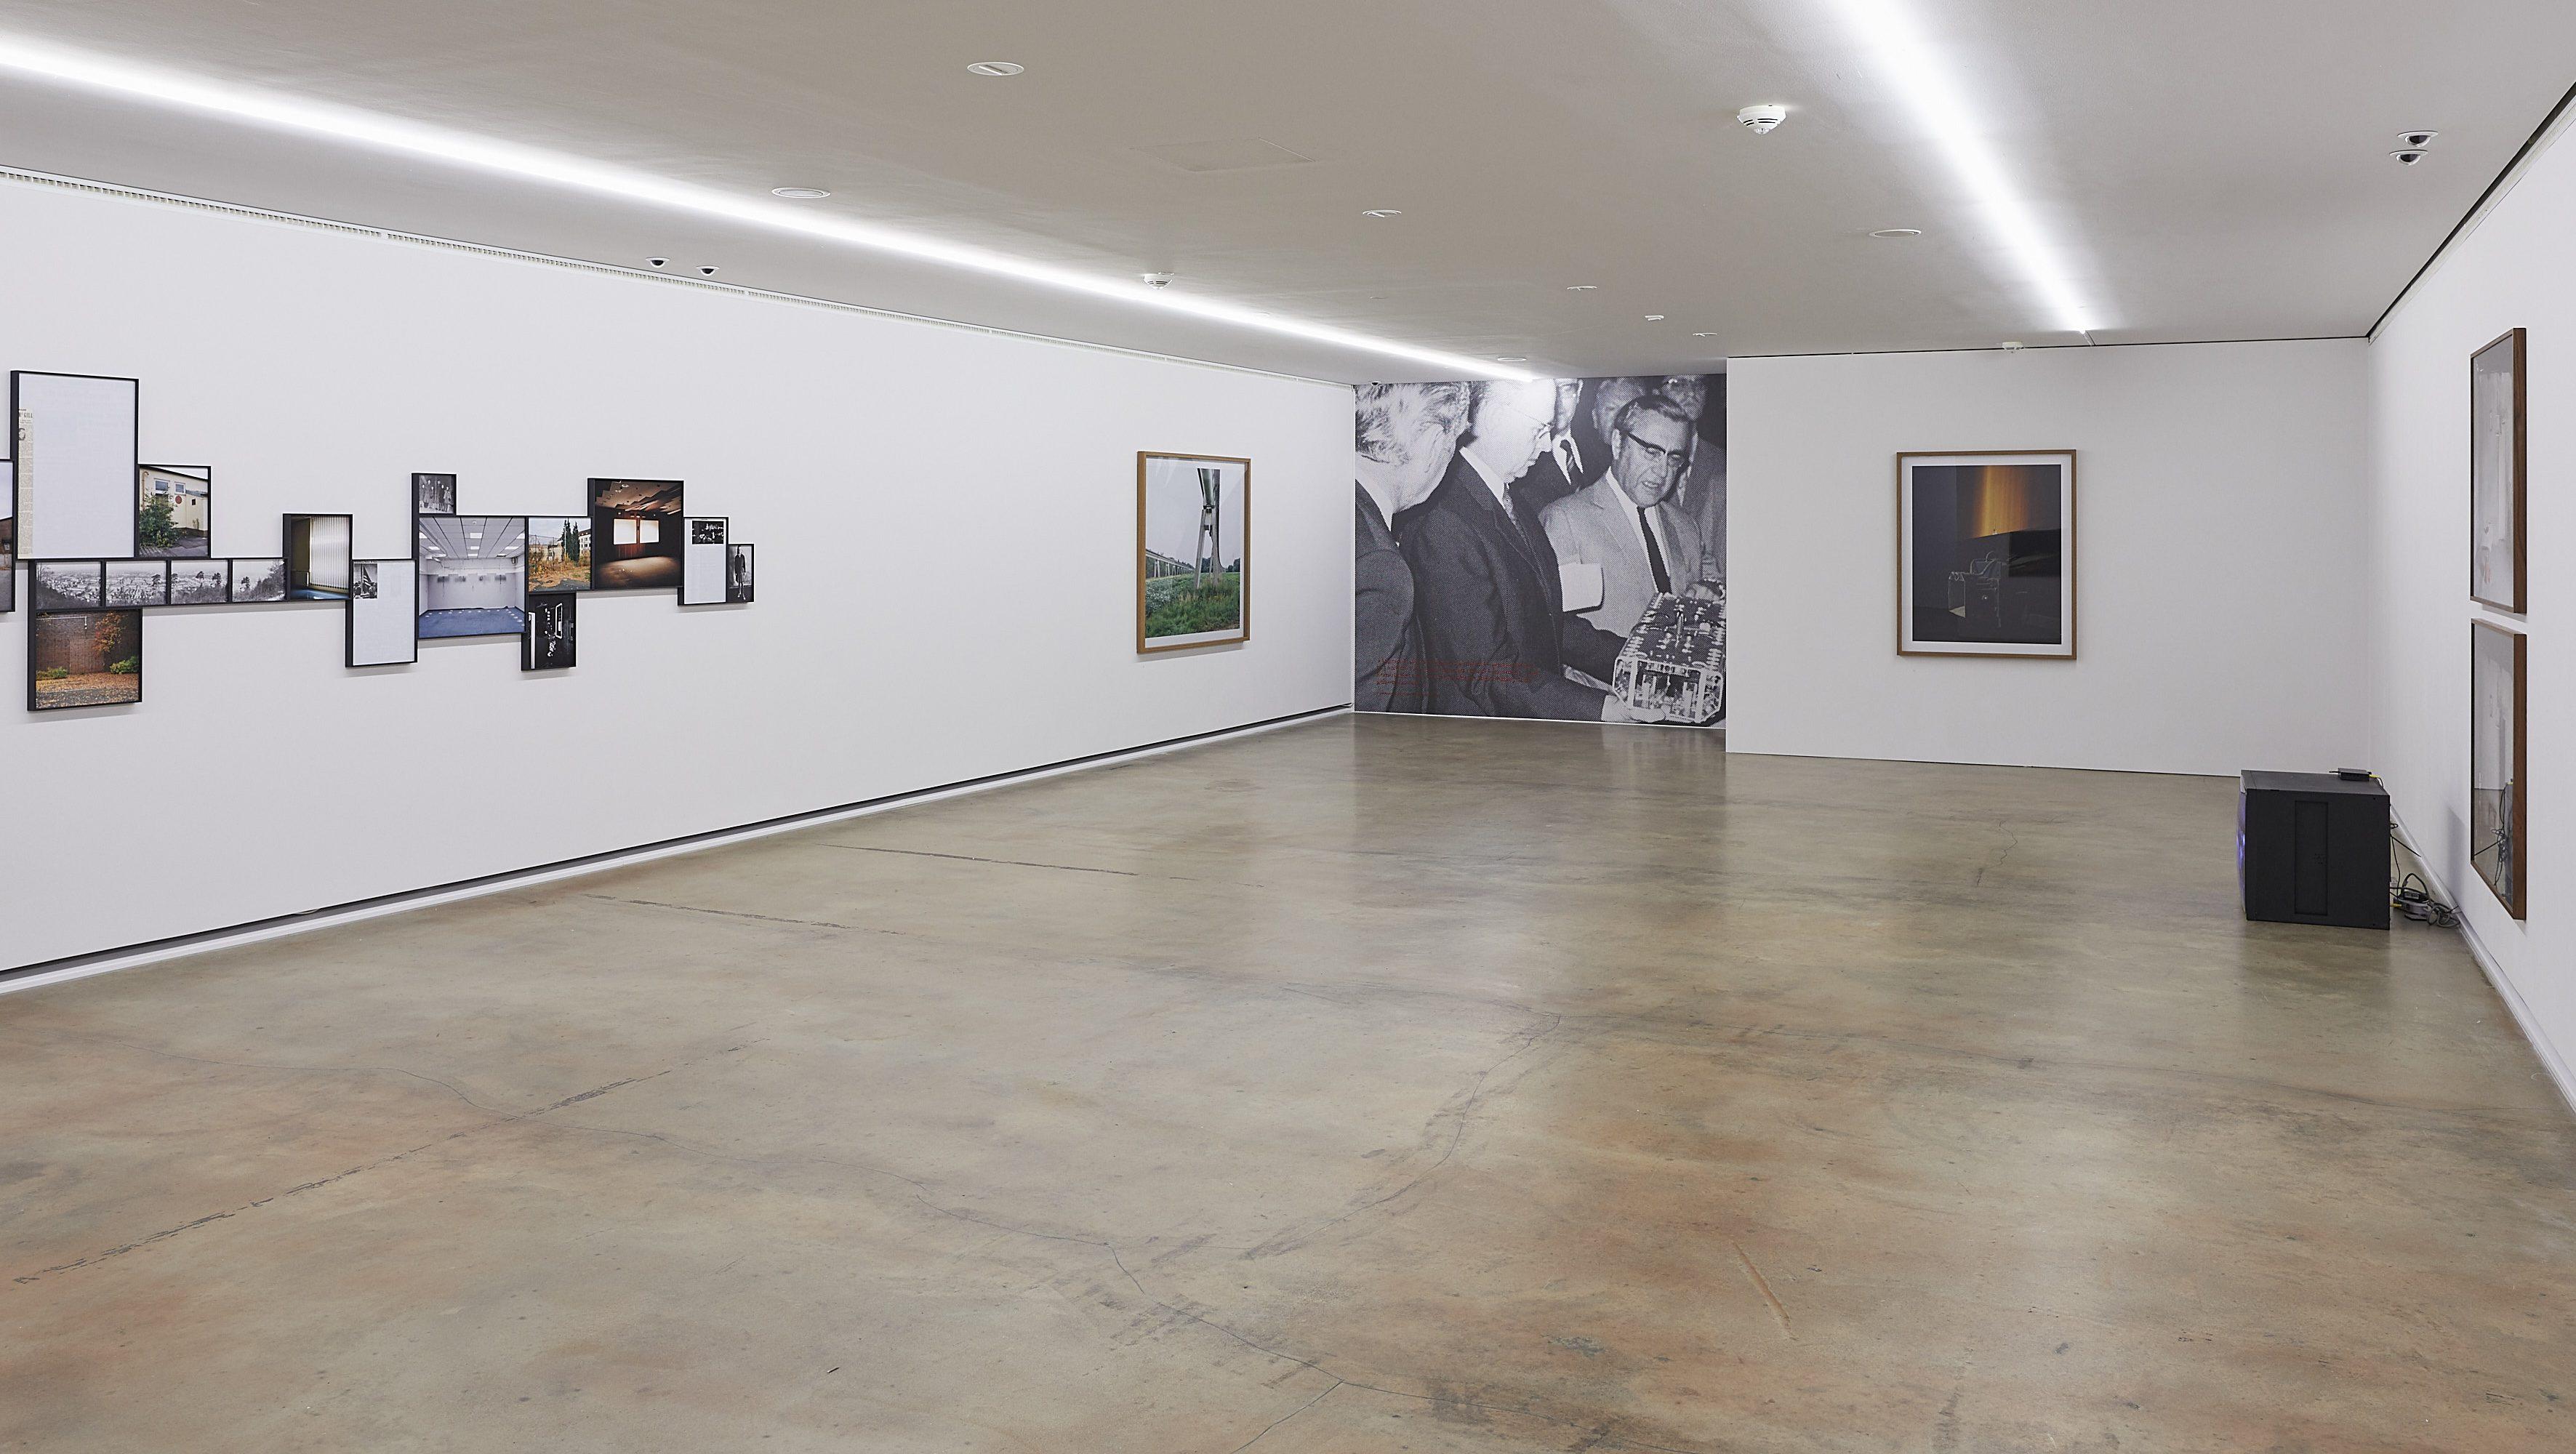 Raumansicht mit Arbeiten von Andreas Till, Jan Ladwig, Malte Wandel